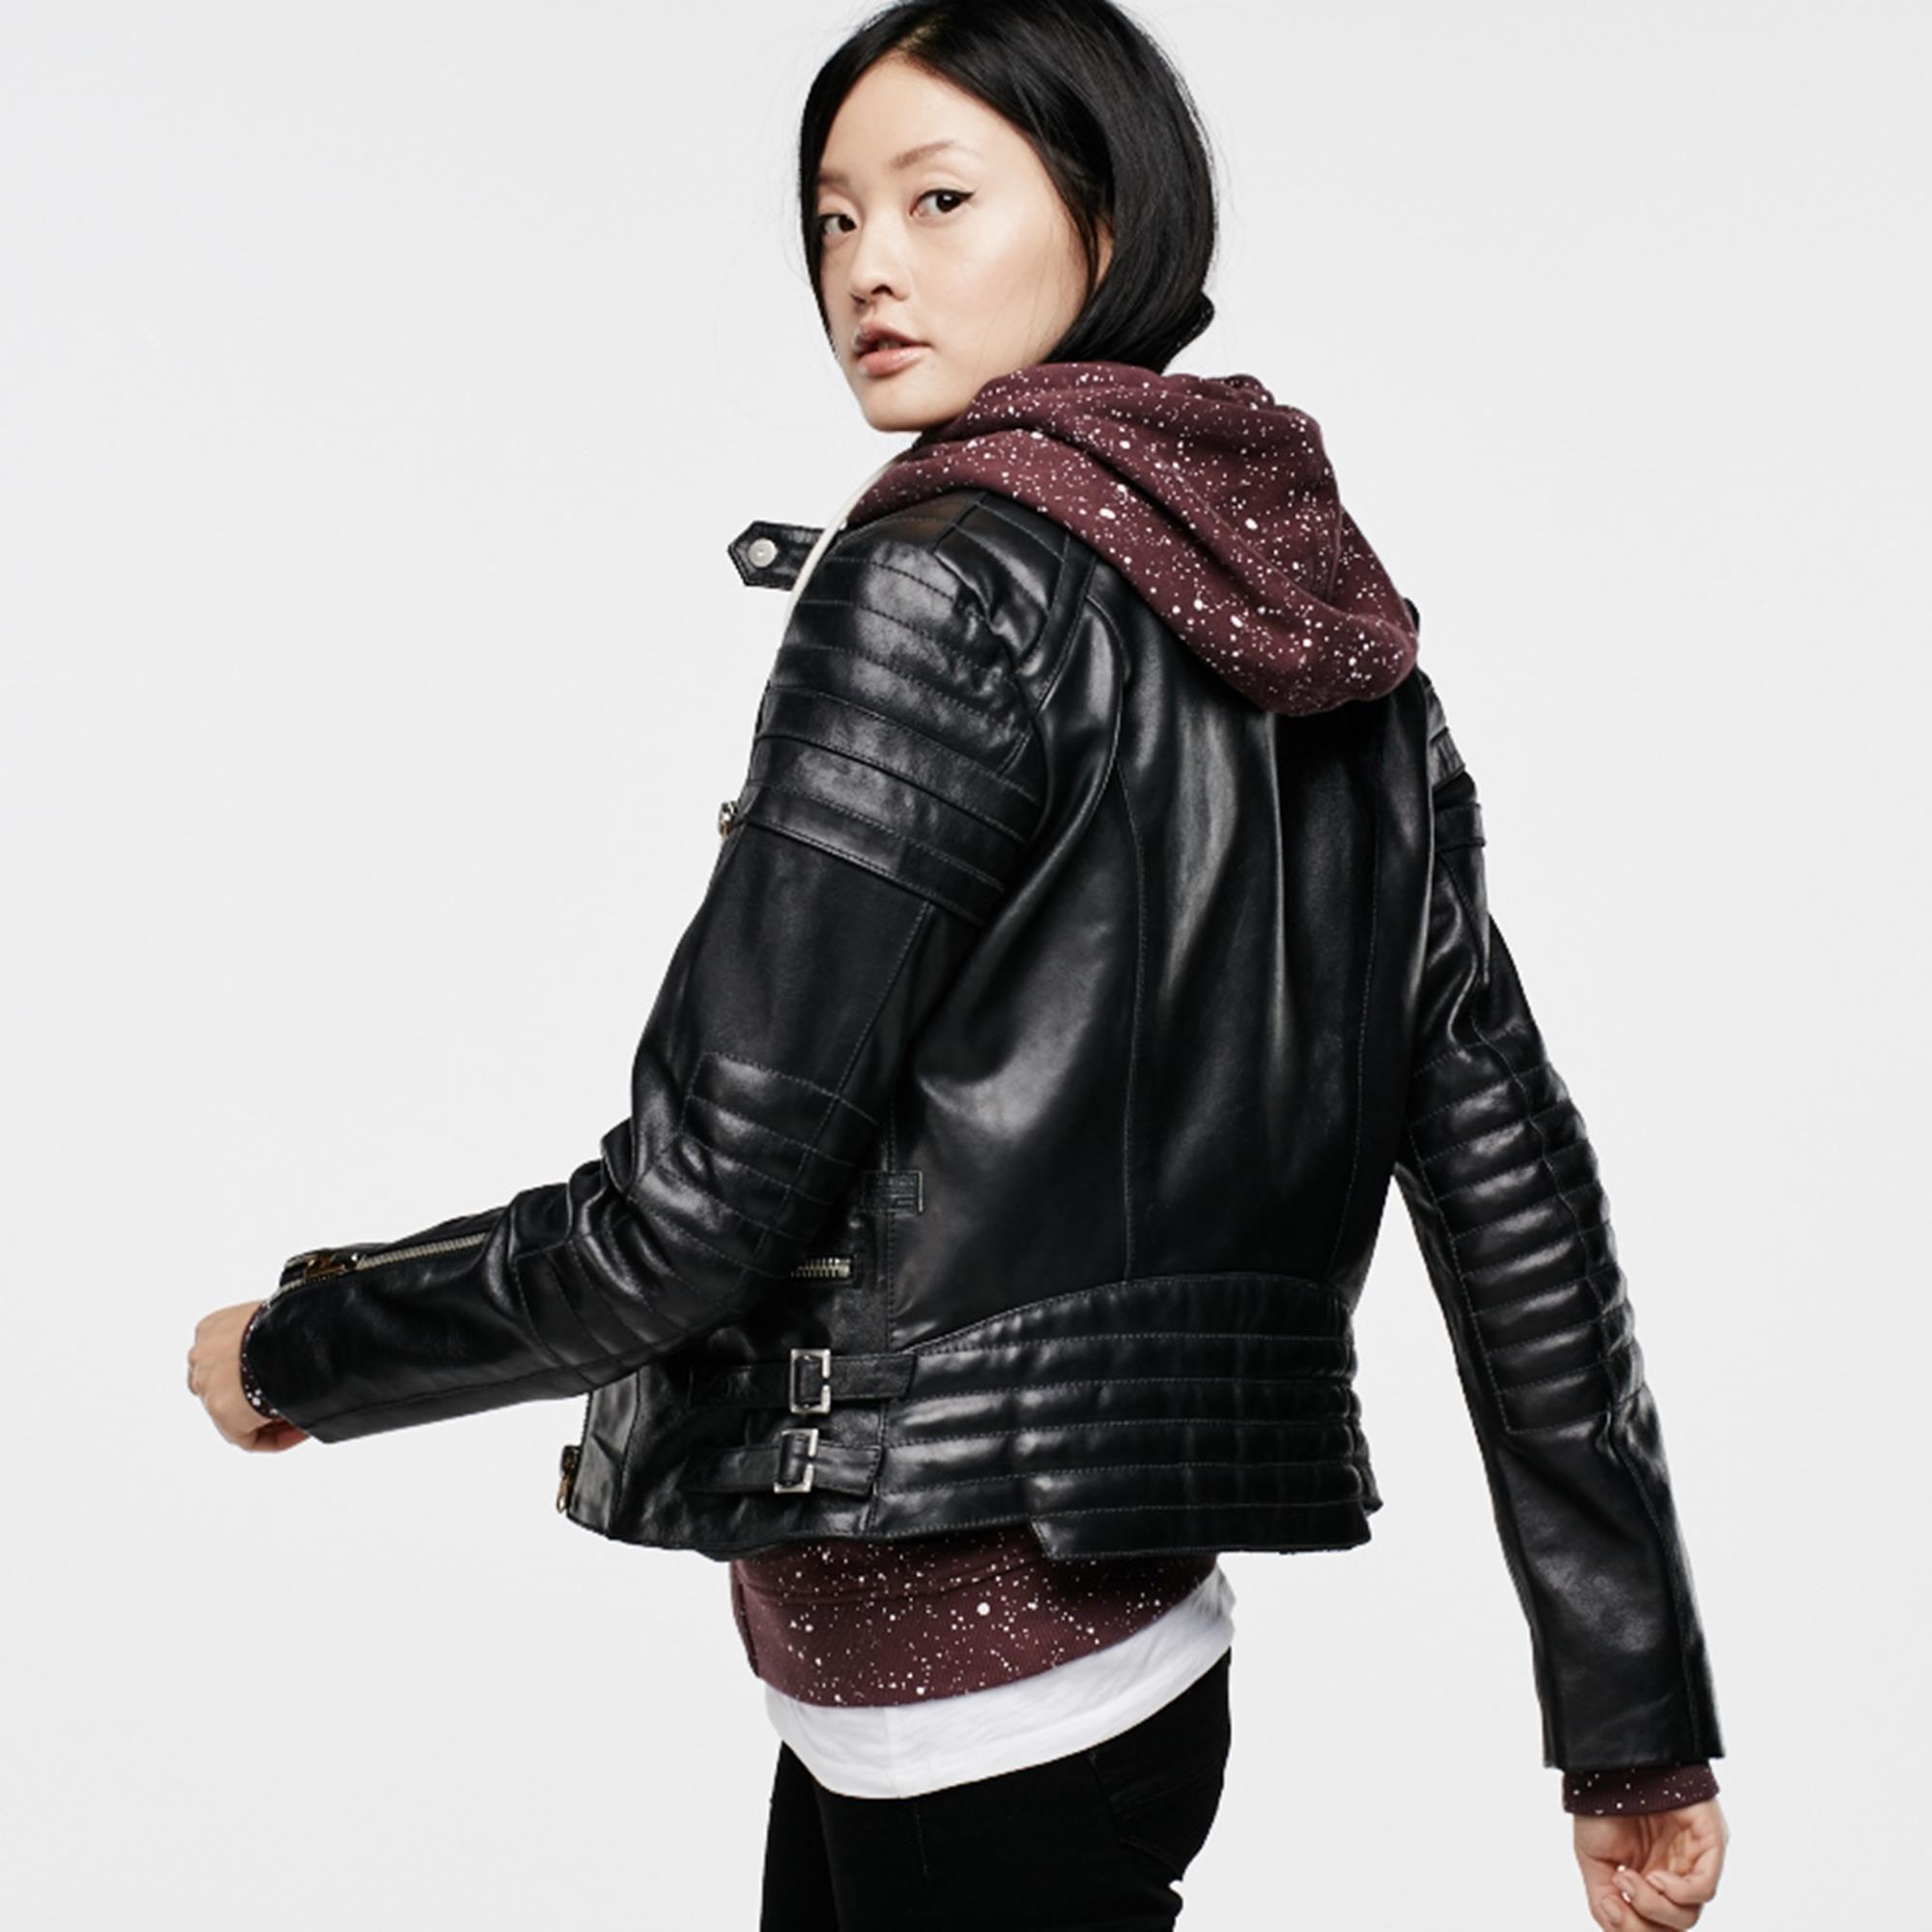 Biker Solid Leather Slim Jacket Black G Star Raw G Star Jackets G Star Raw [ 2000 x 2000 Pixel ]